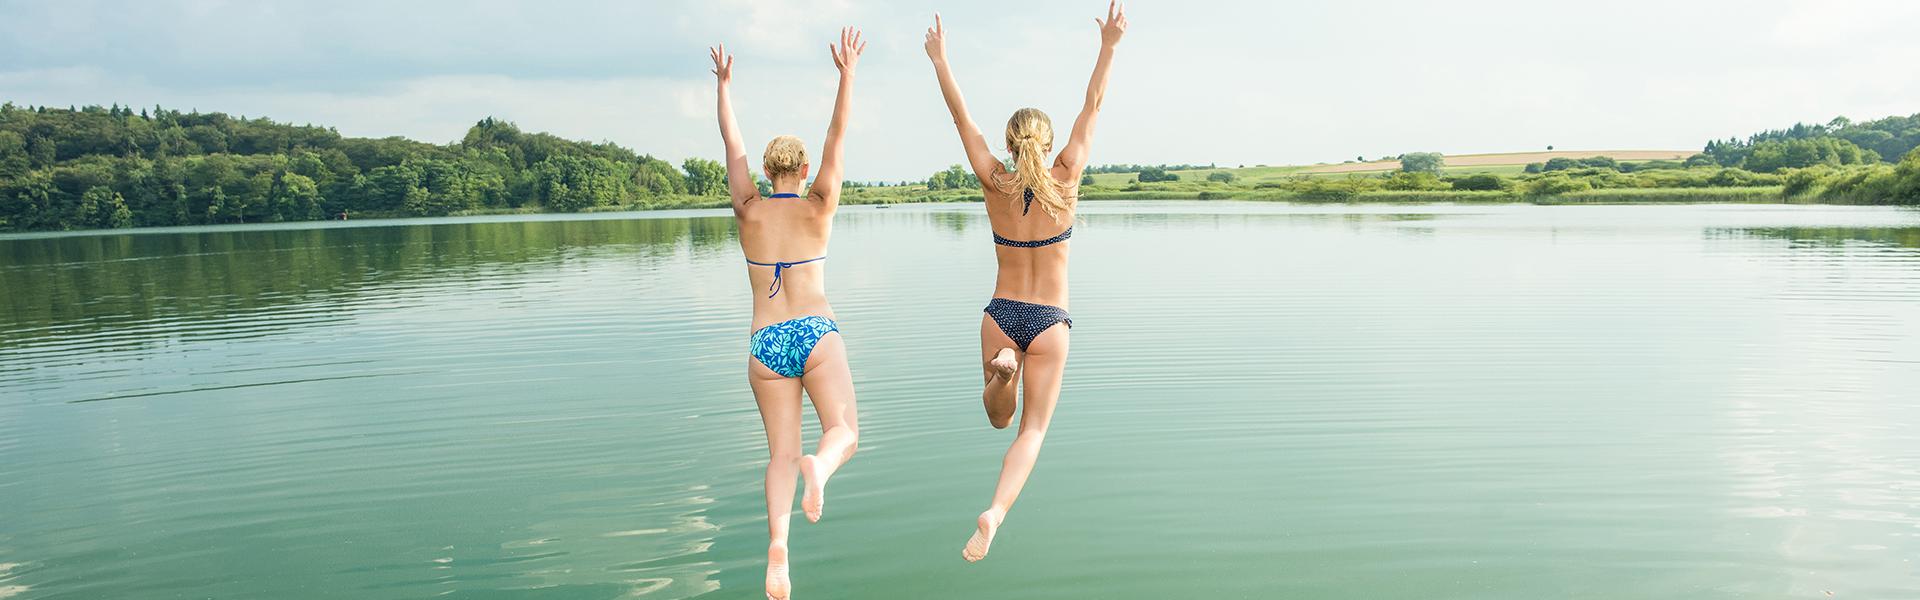 Zwei Freundinnen springen in einen See mit ihren Armen in der Luft